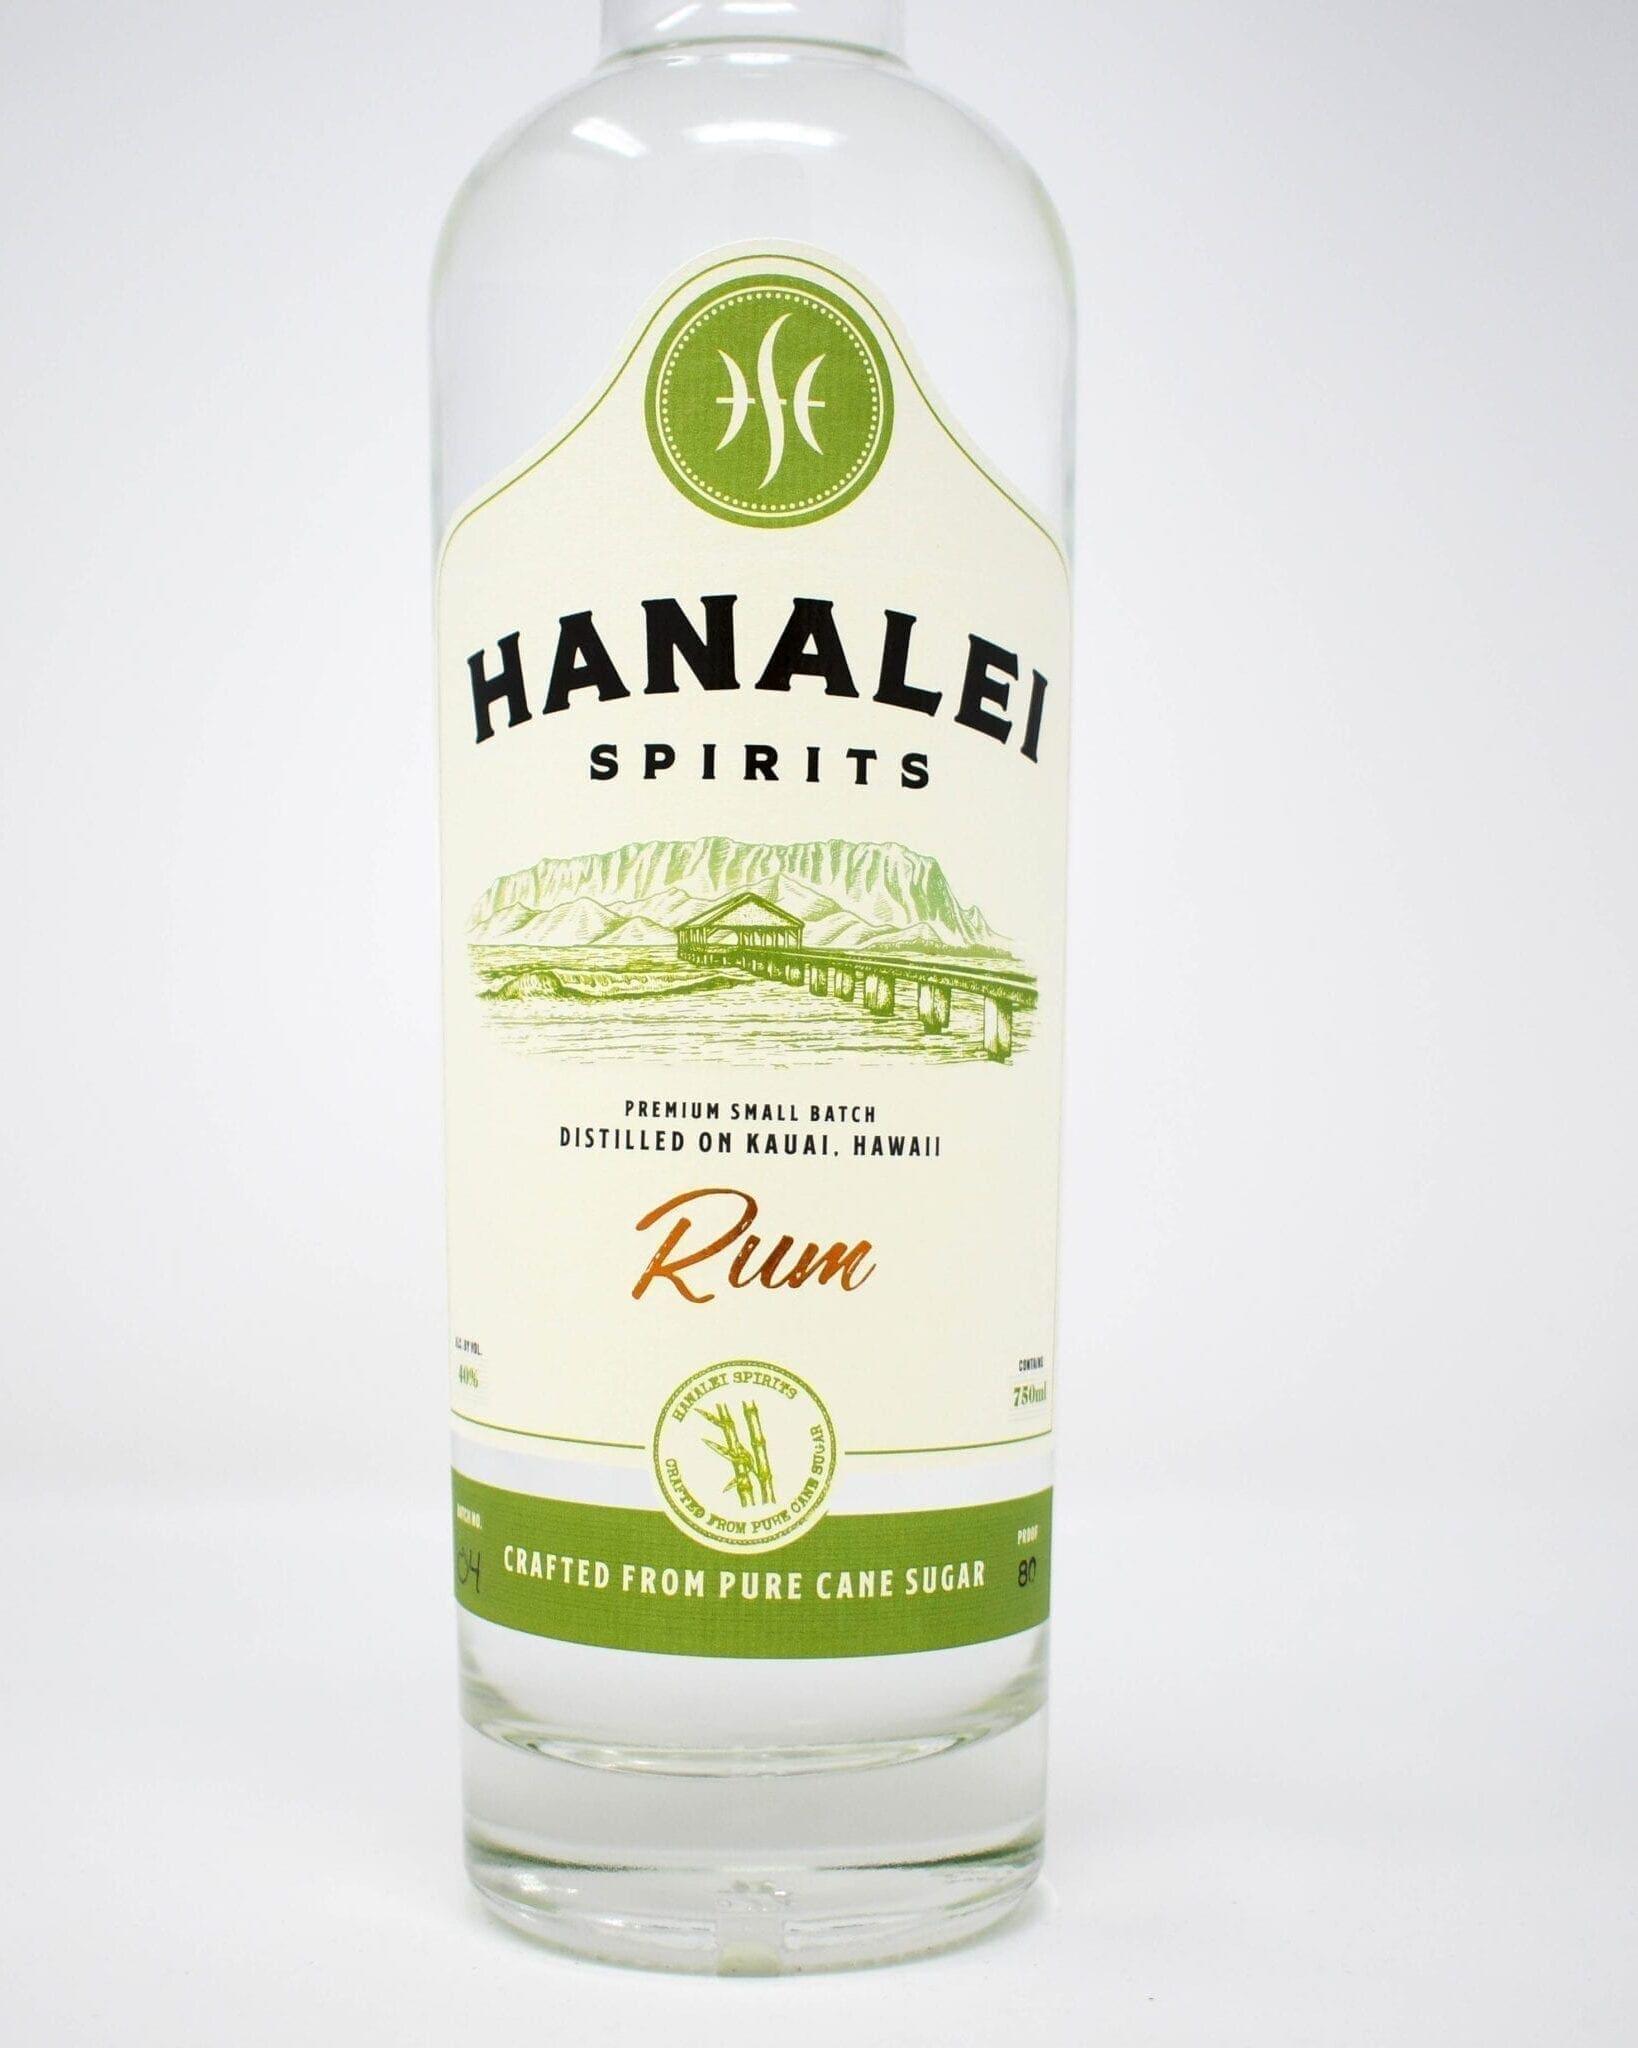 Hanalei Spirits White Rum 750ml